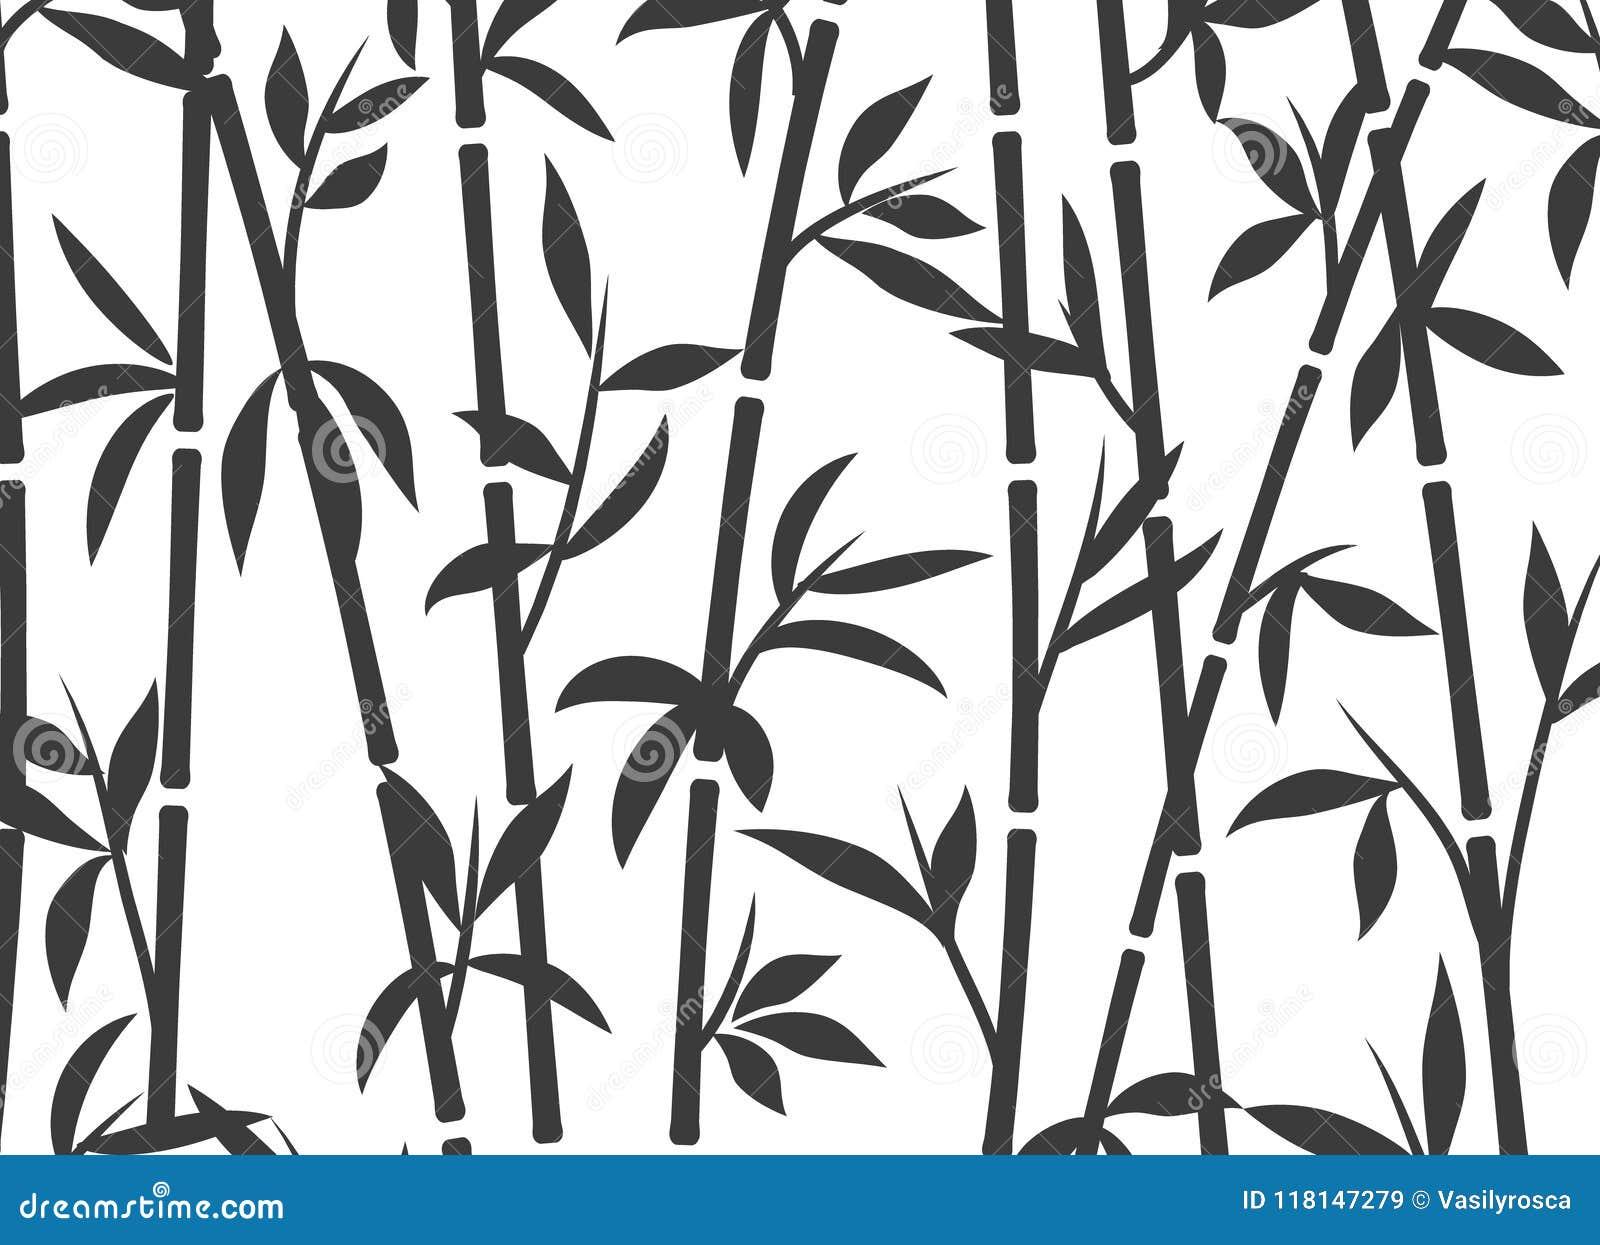 竹背景日本亚洲植物墙纸草 黑白竹树传染媒介的样式